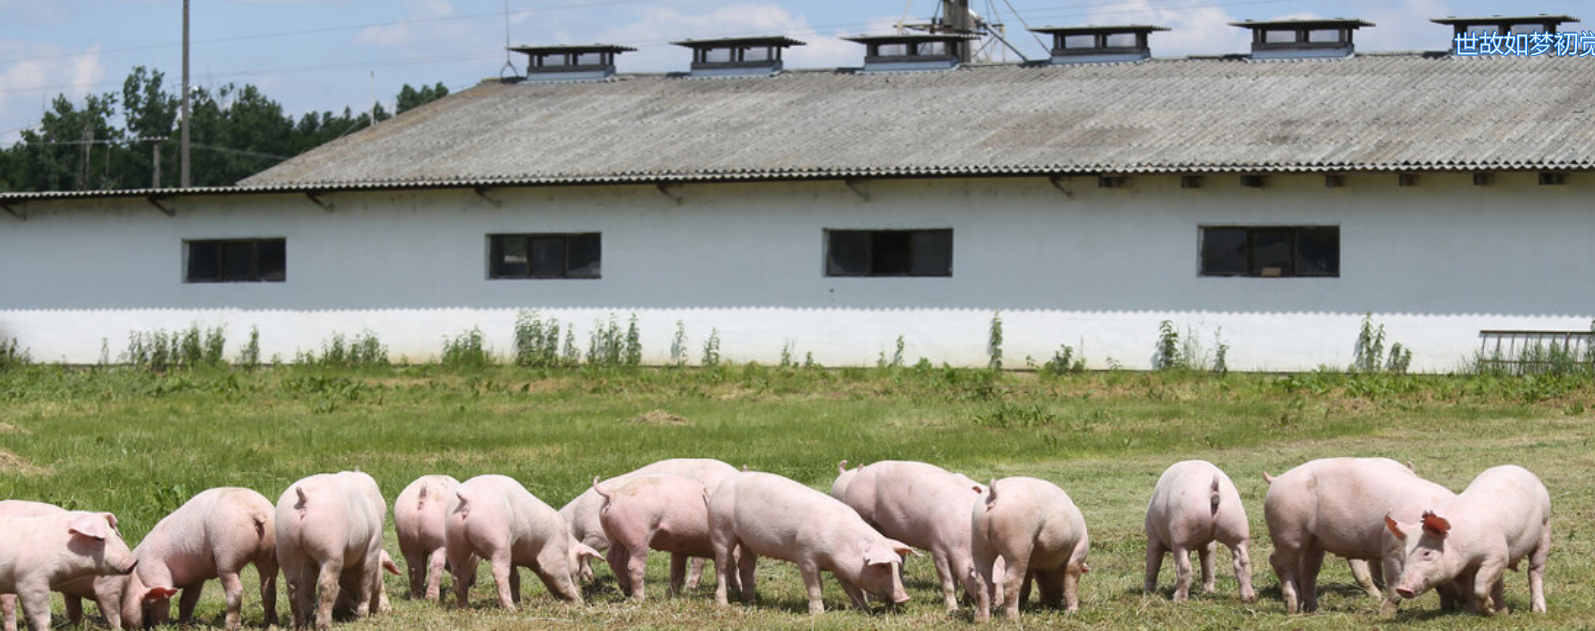 温氏股份2月数据解读:肉猪销量创下5年多以来月度新低